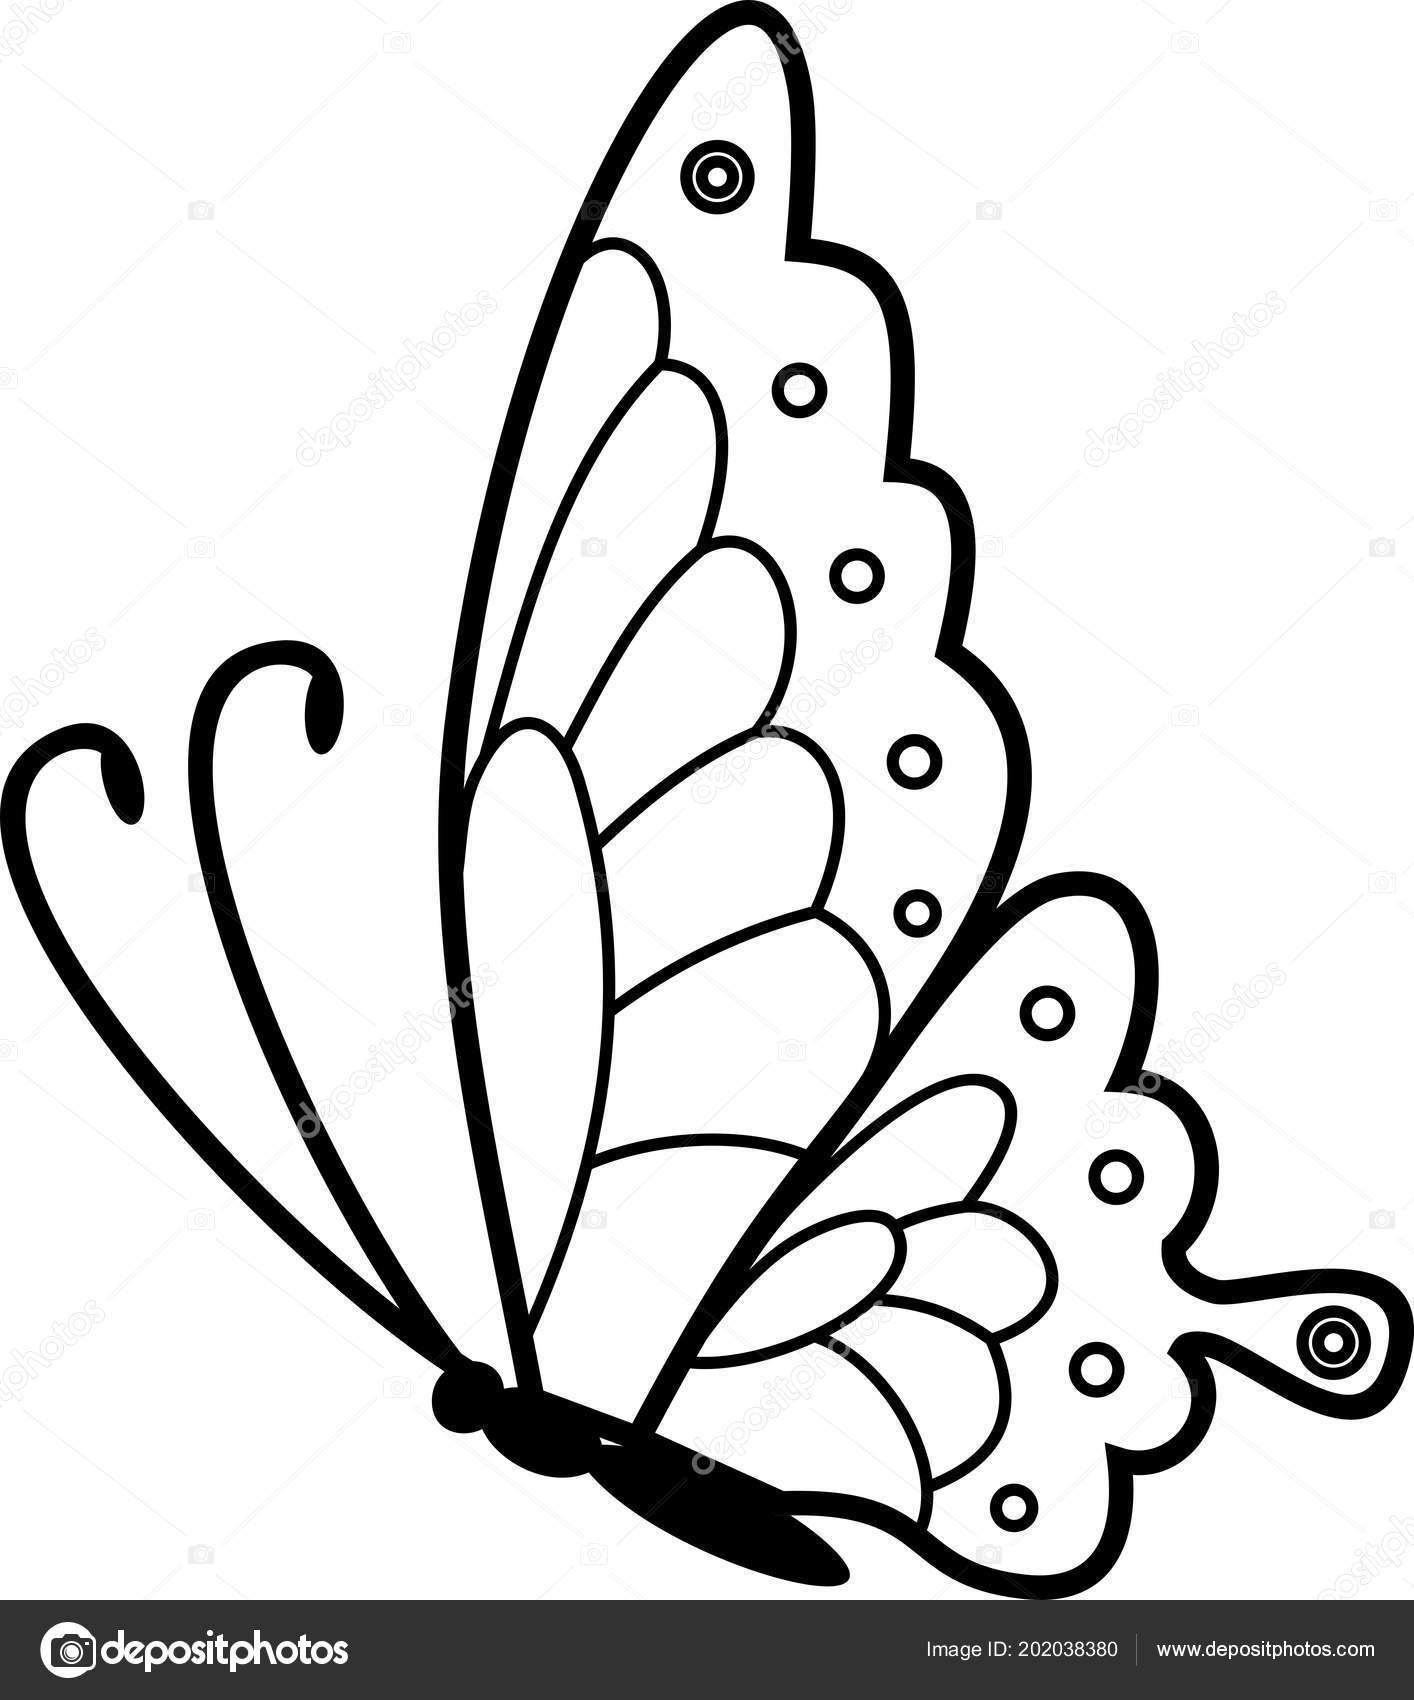 Schmetterlinge Fliegend Malvorlage  Coloring and Malvorlagan